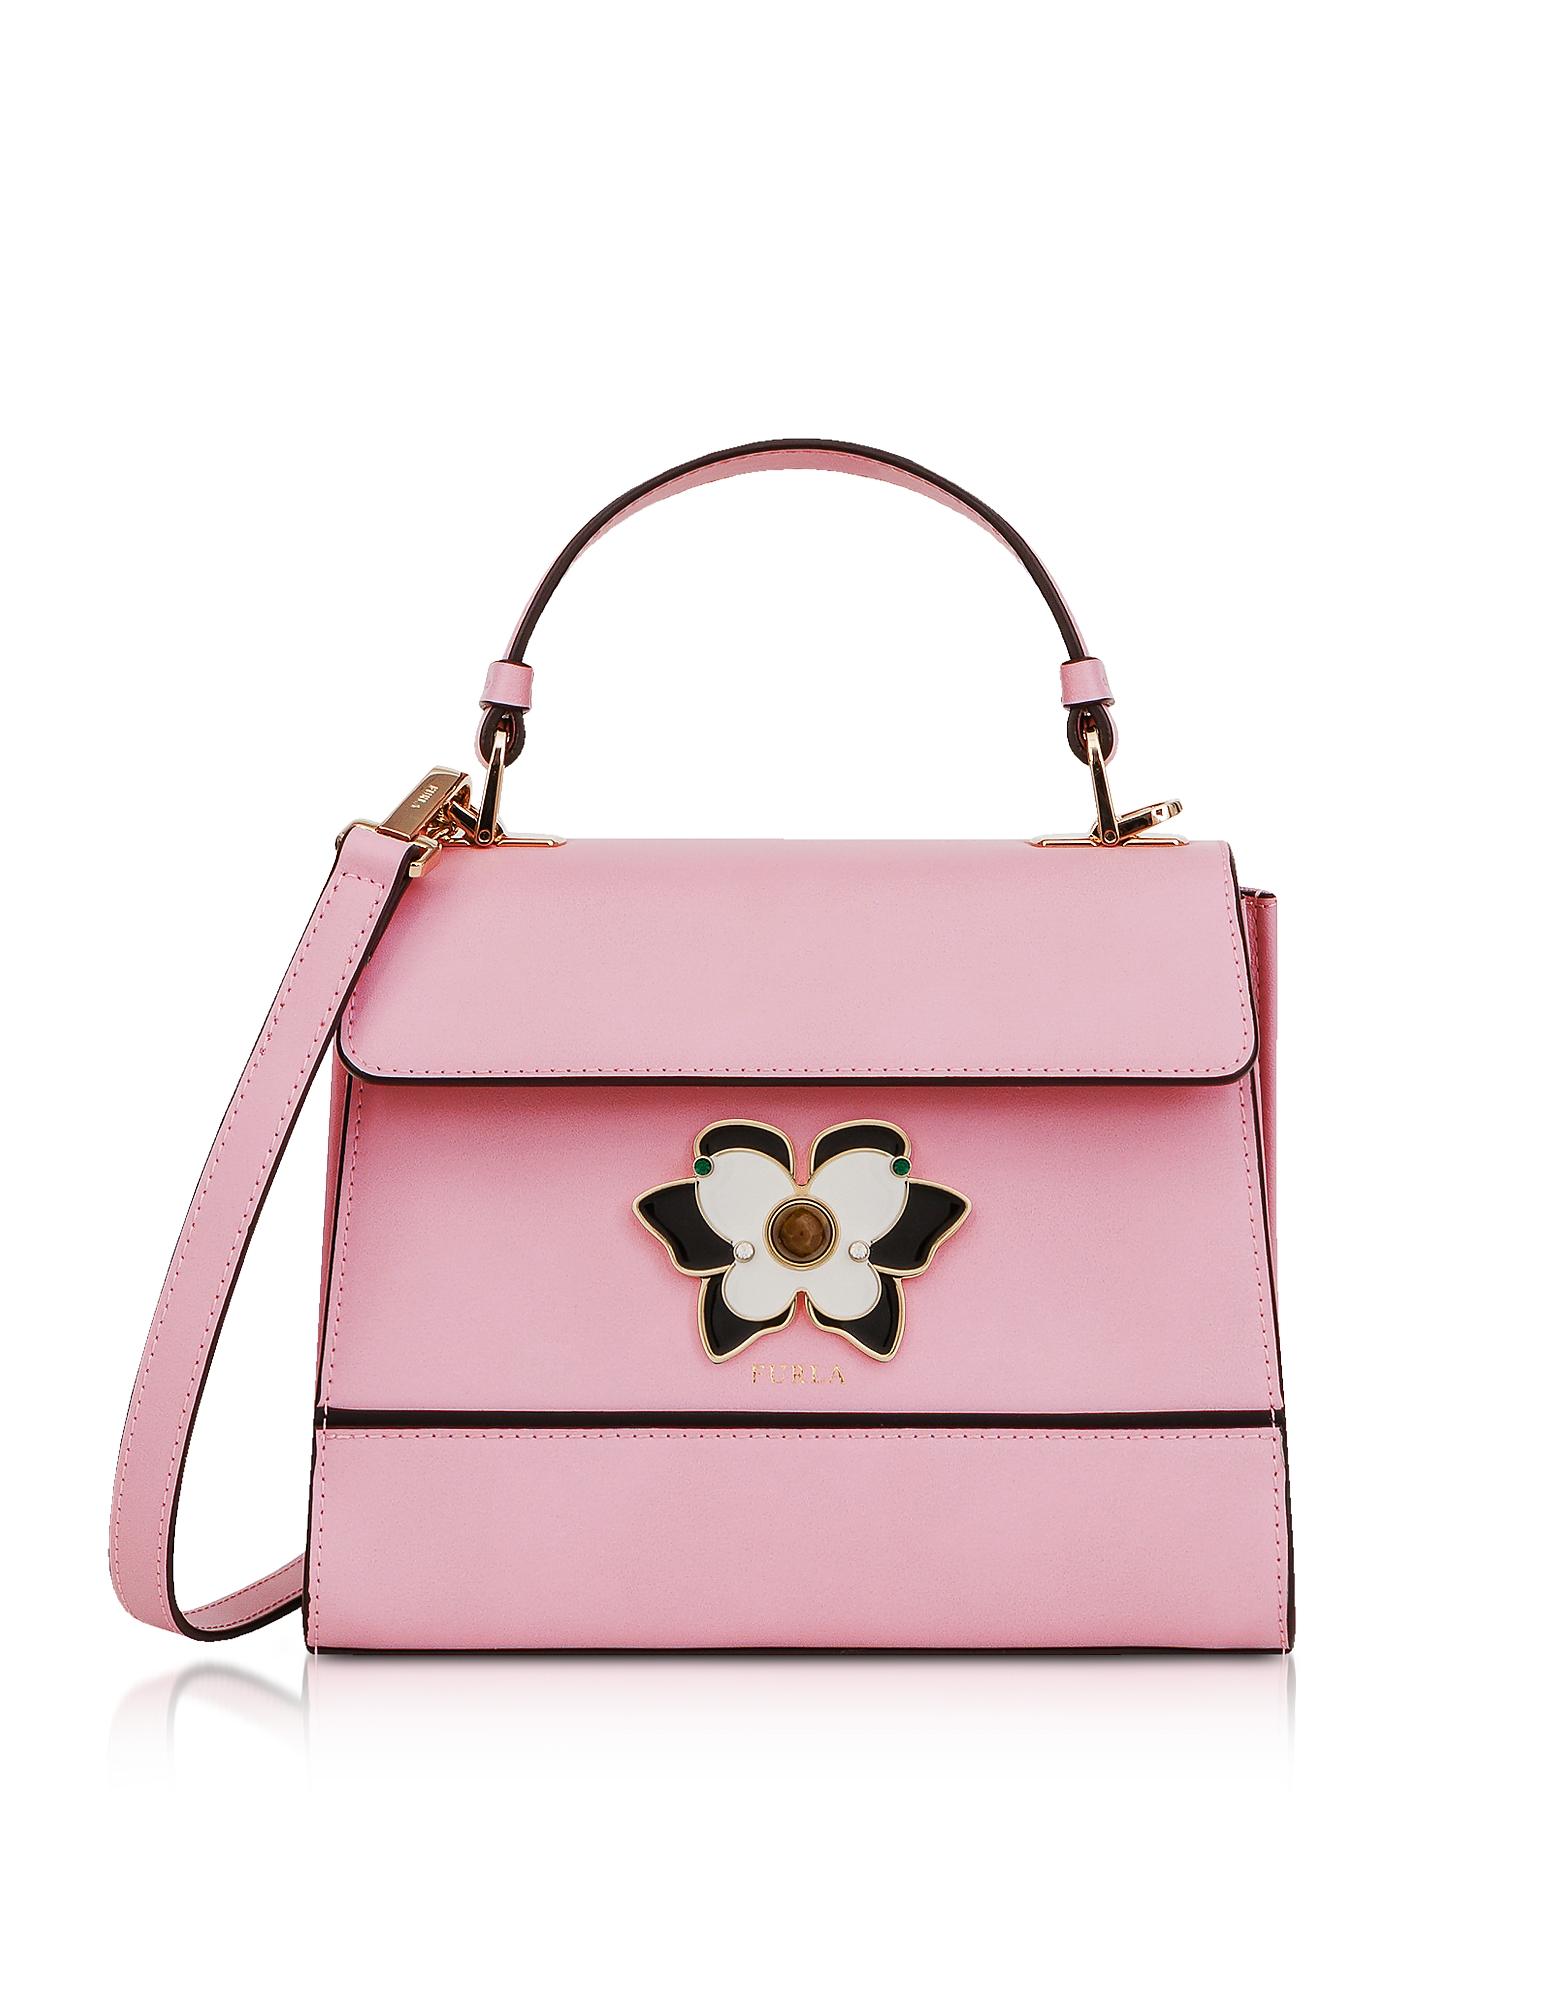 Image of Furla Designer Handbags, Camelia Mughetto Small Top Handle Satchel Bag